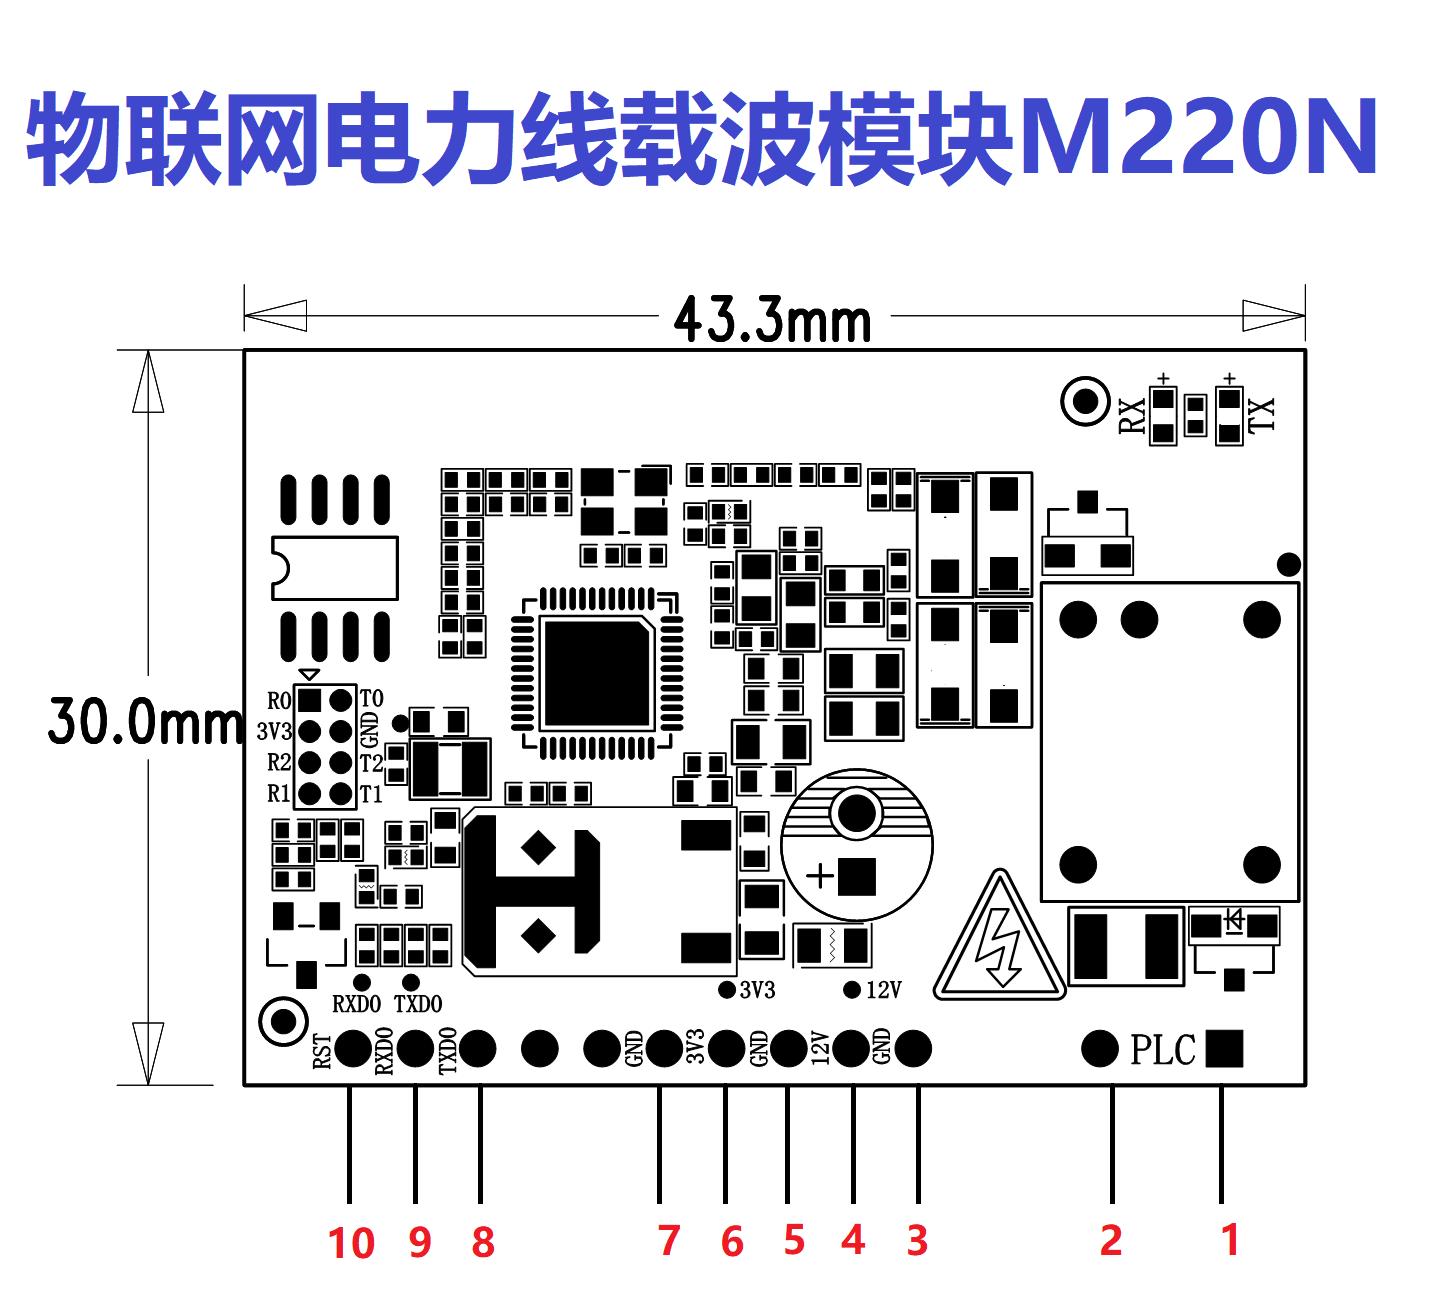 超远距离高速物联网宽带电力线载波通讯模块M220N